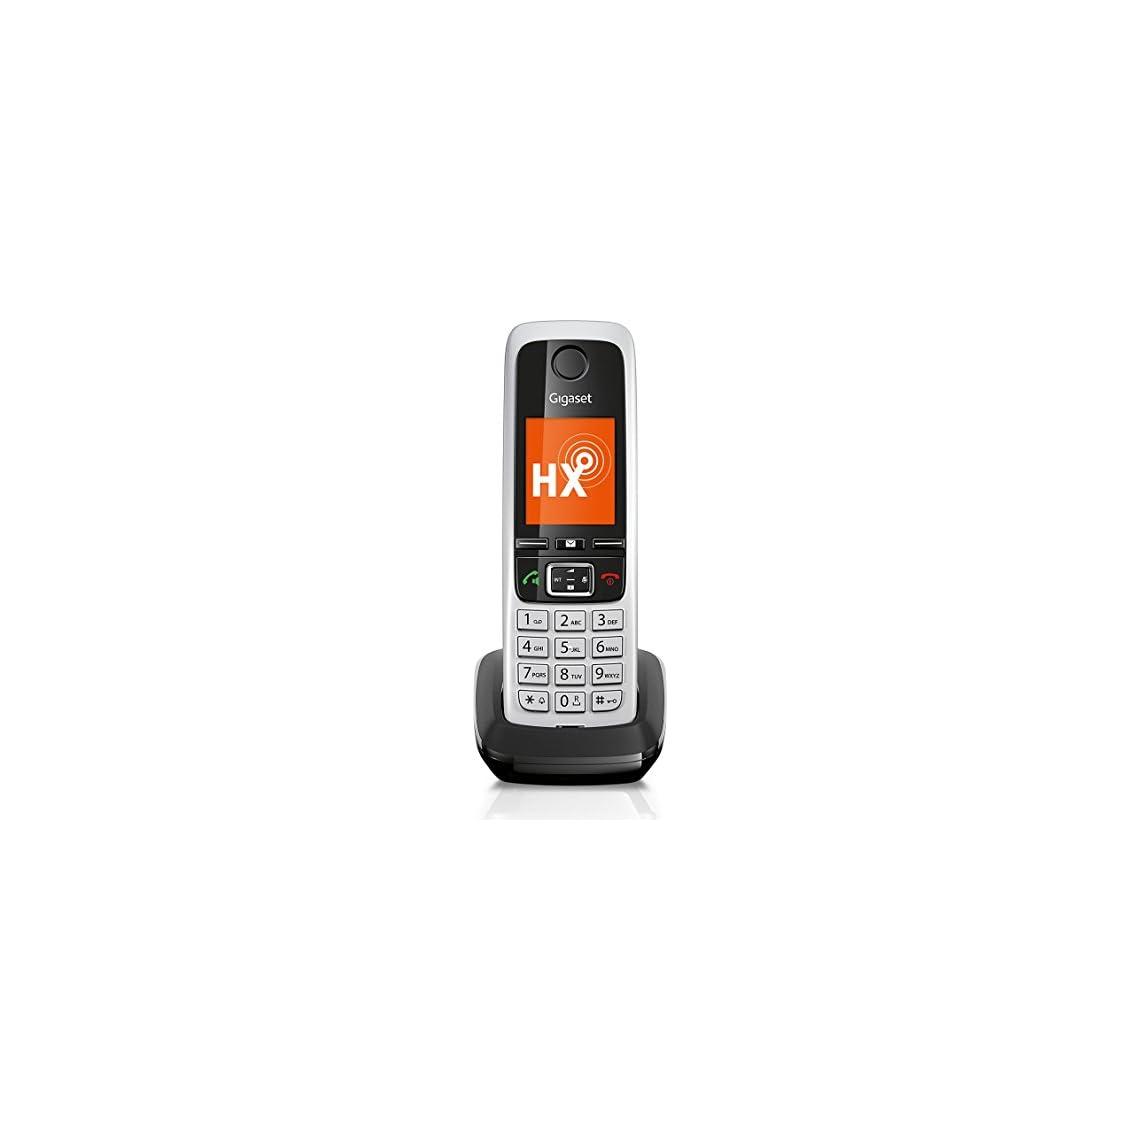 41dTBxmxkFL. SS1140  - Gigaset C430HX DECT-/VOIP Schnurlostelefon schwarz/Silber